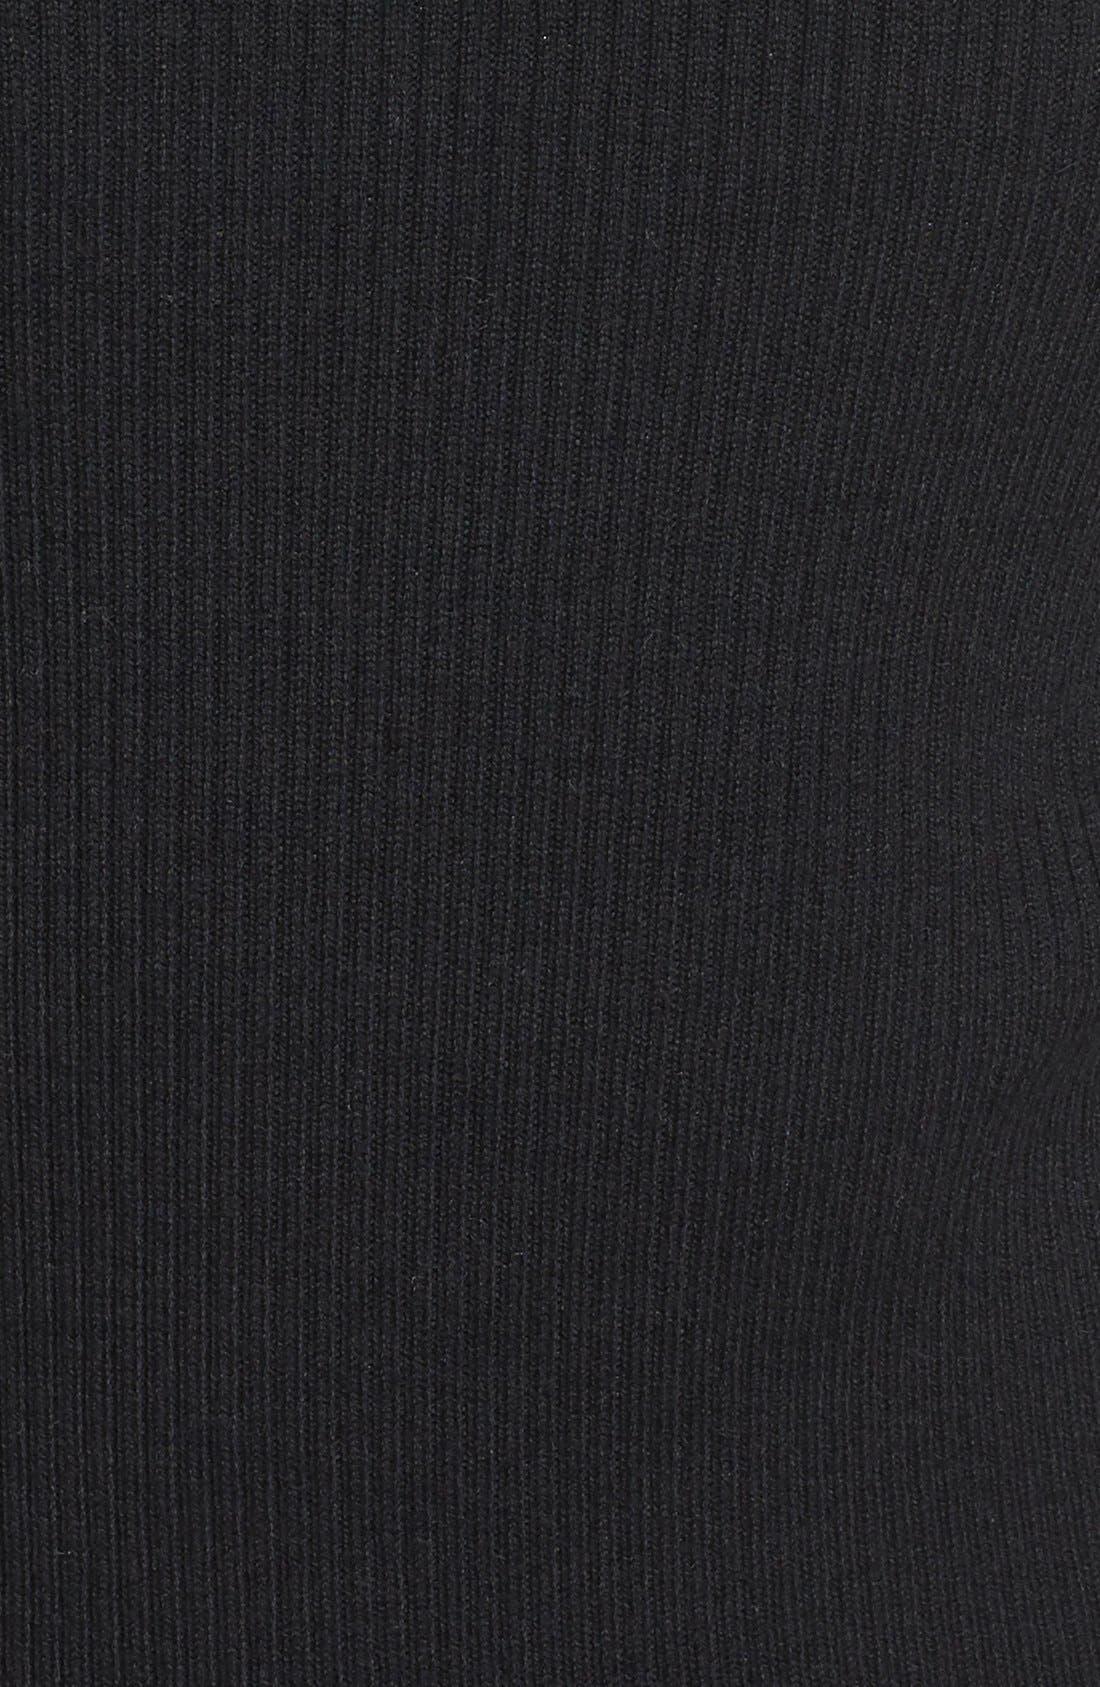 Rib Knit Pullover,                             Alternate thumbnail 5, color,                             Black